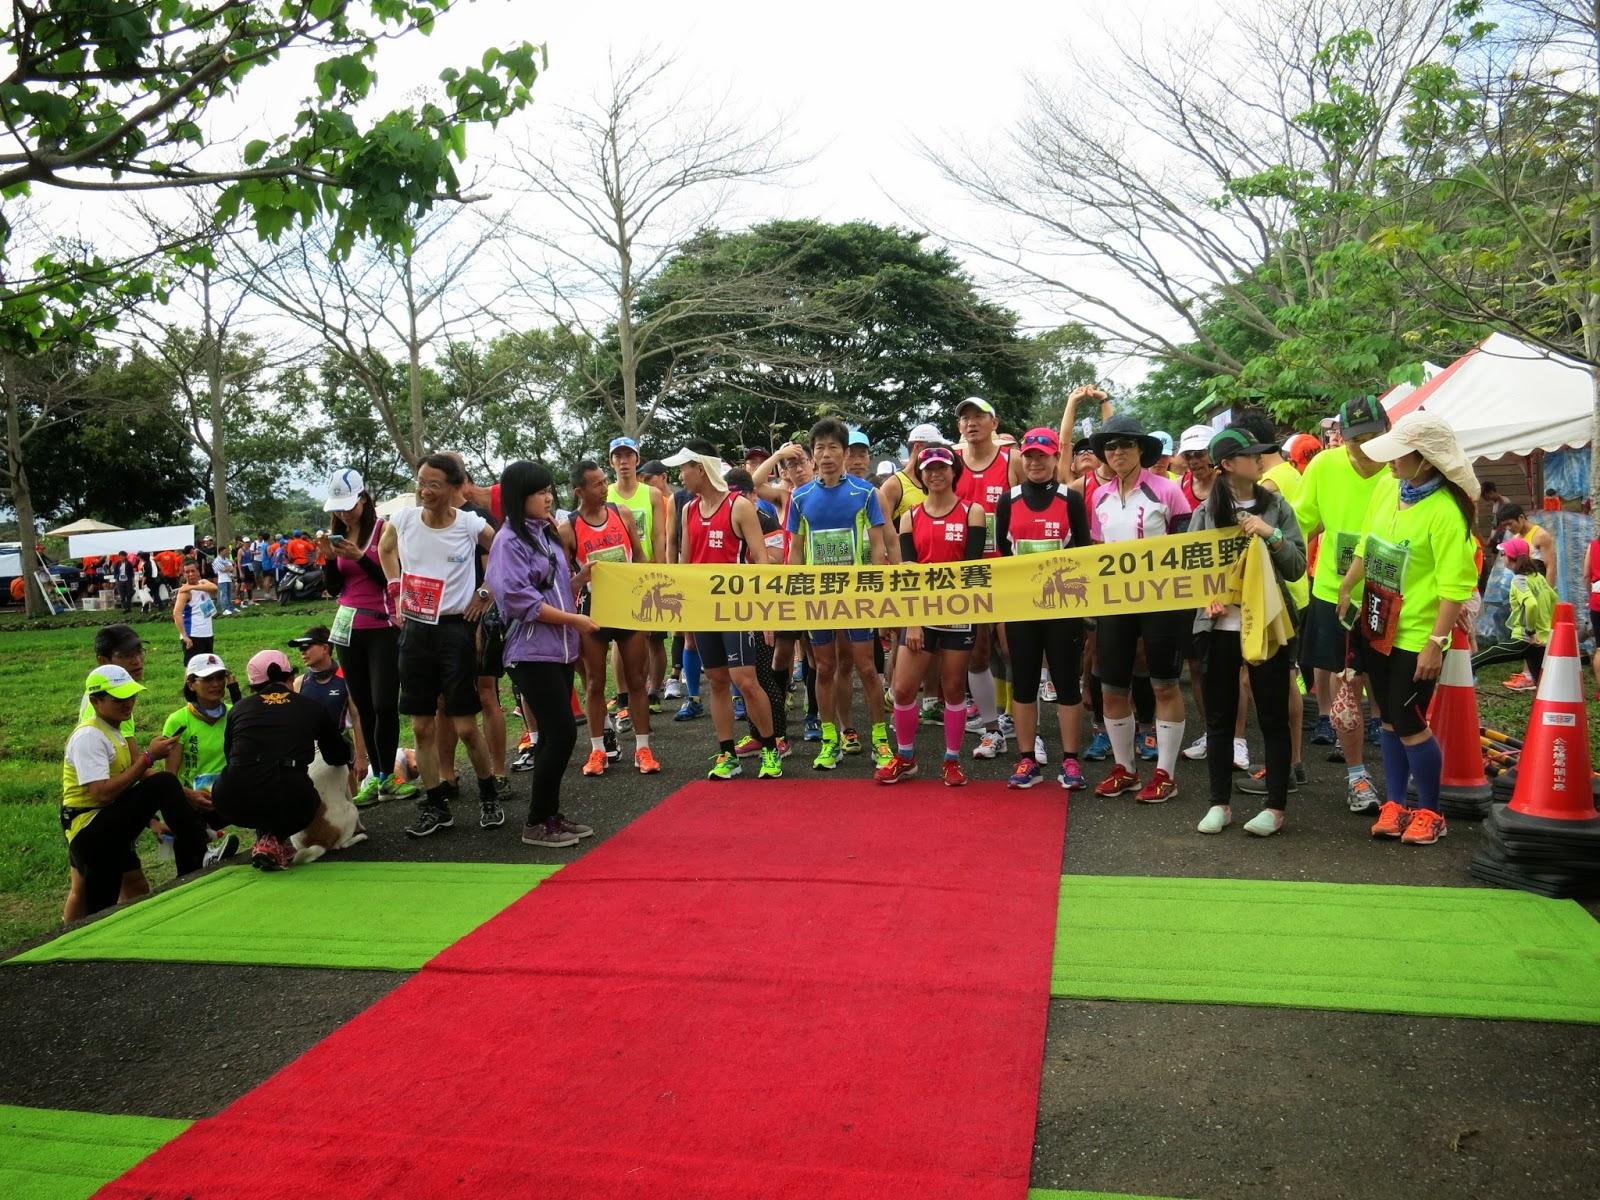 臺東食在好玩: 3.29青年節假期 鹿野馬拉松開跑